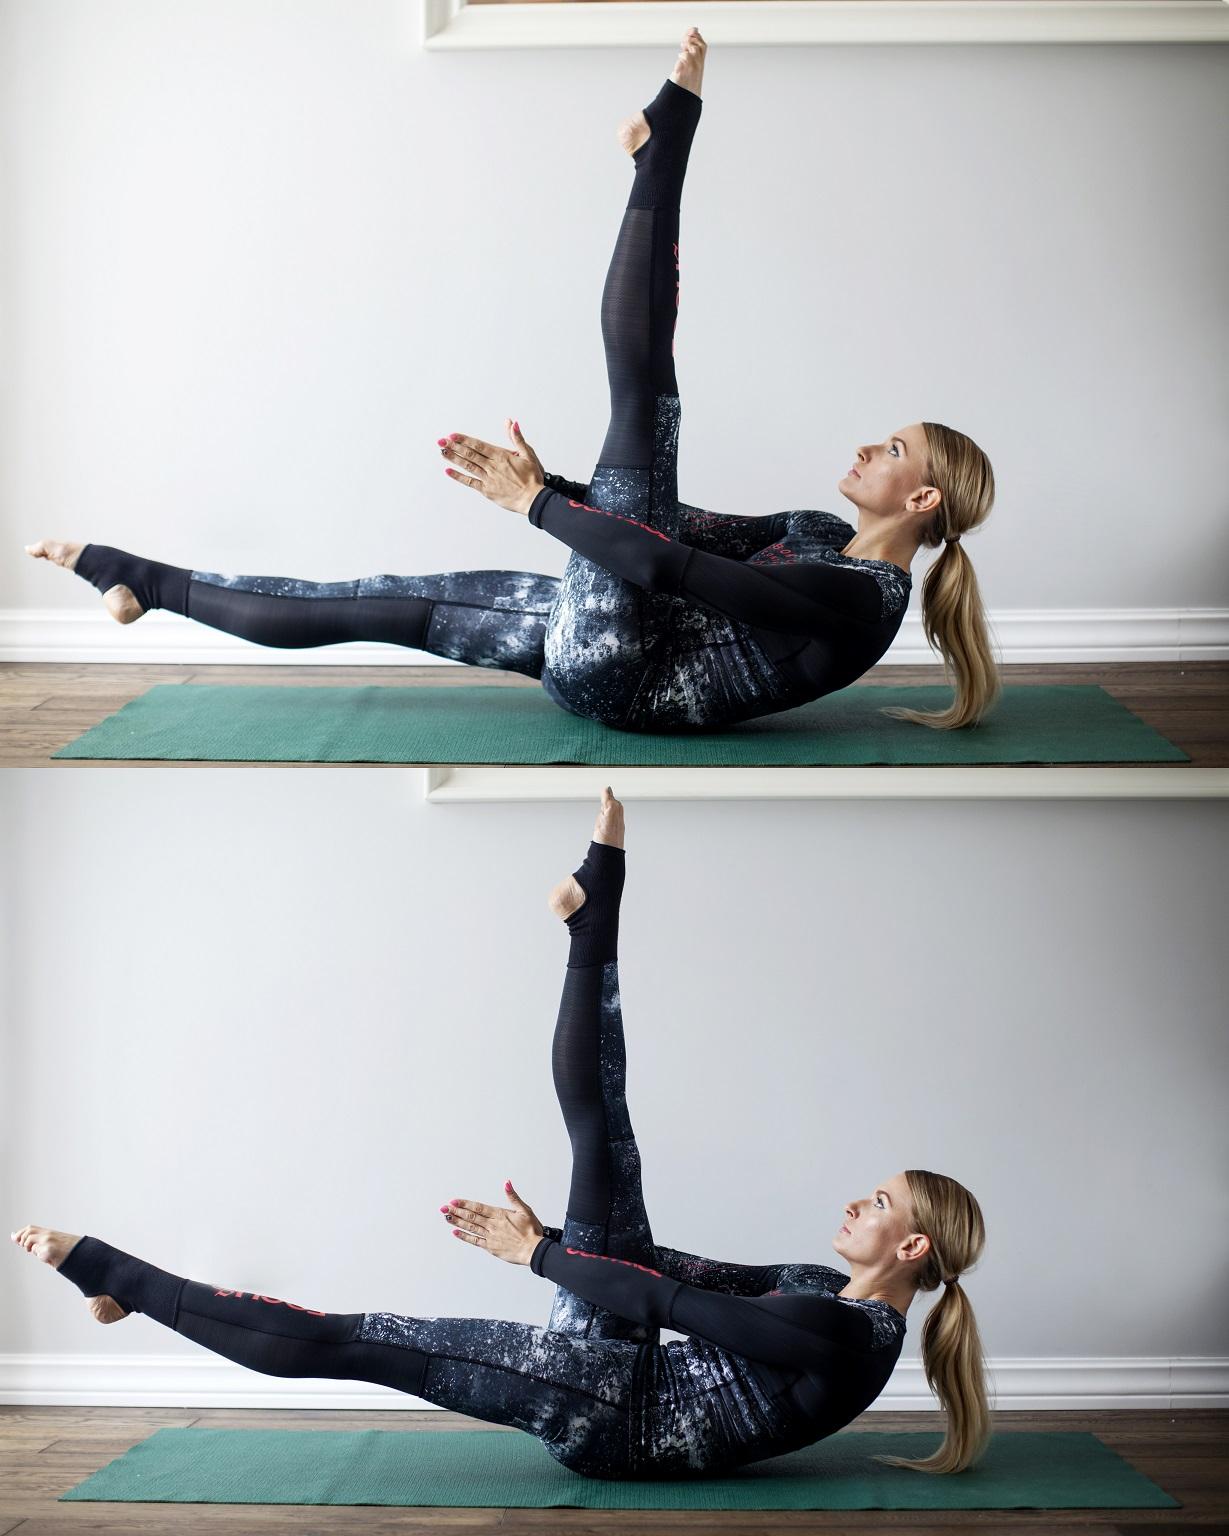 cwiczenia na core_unoszenie nogi z klasnieciem